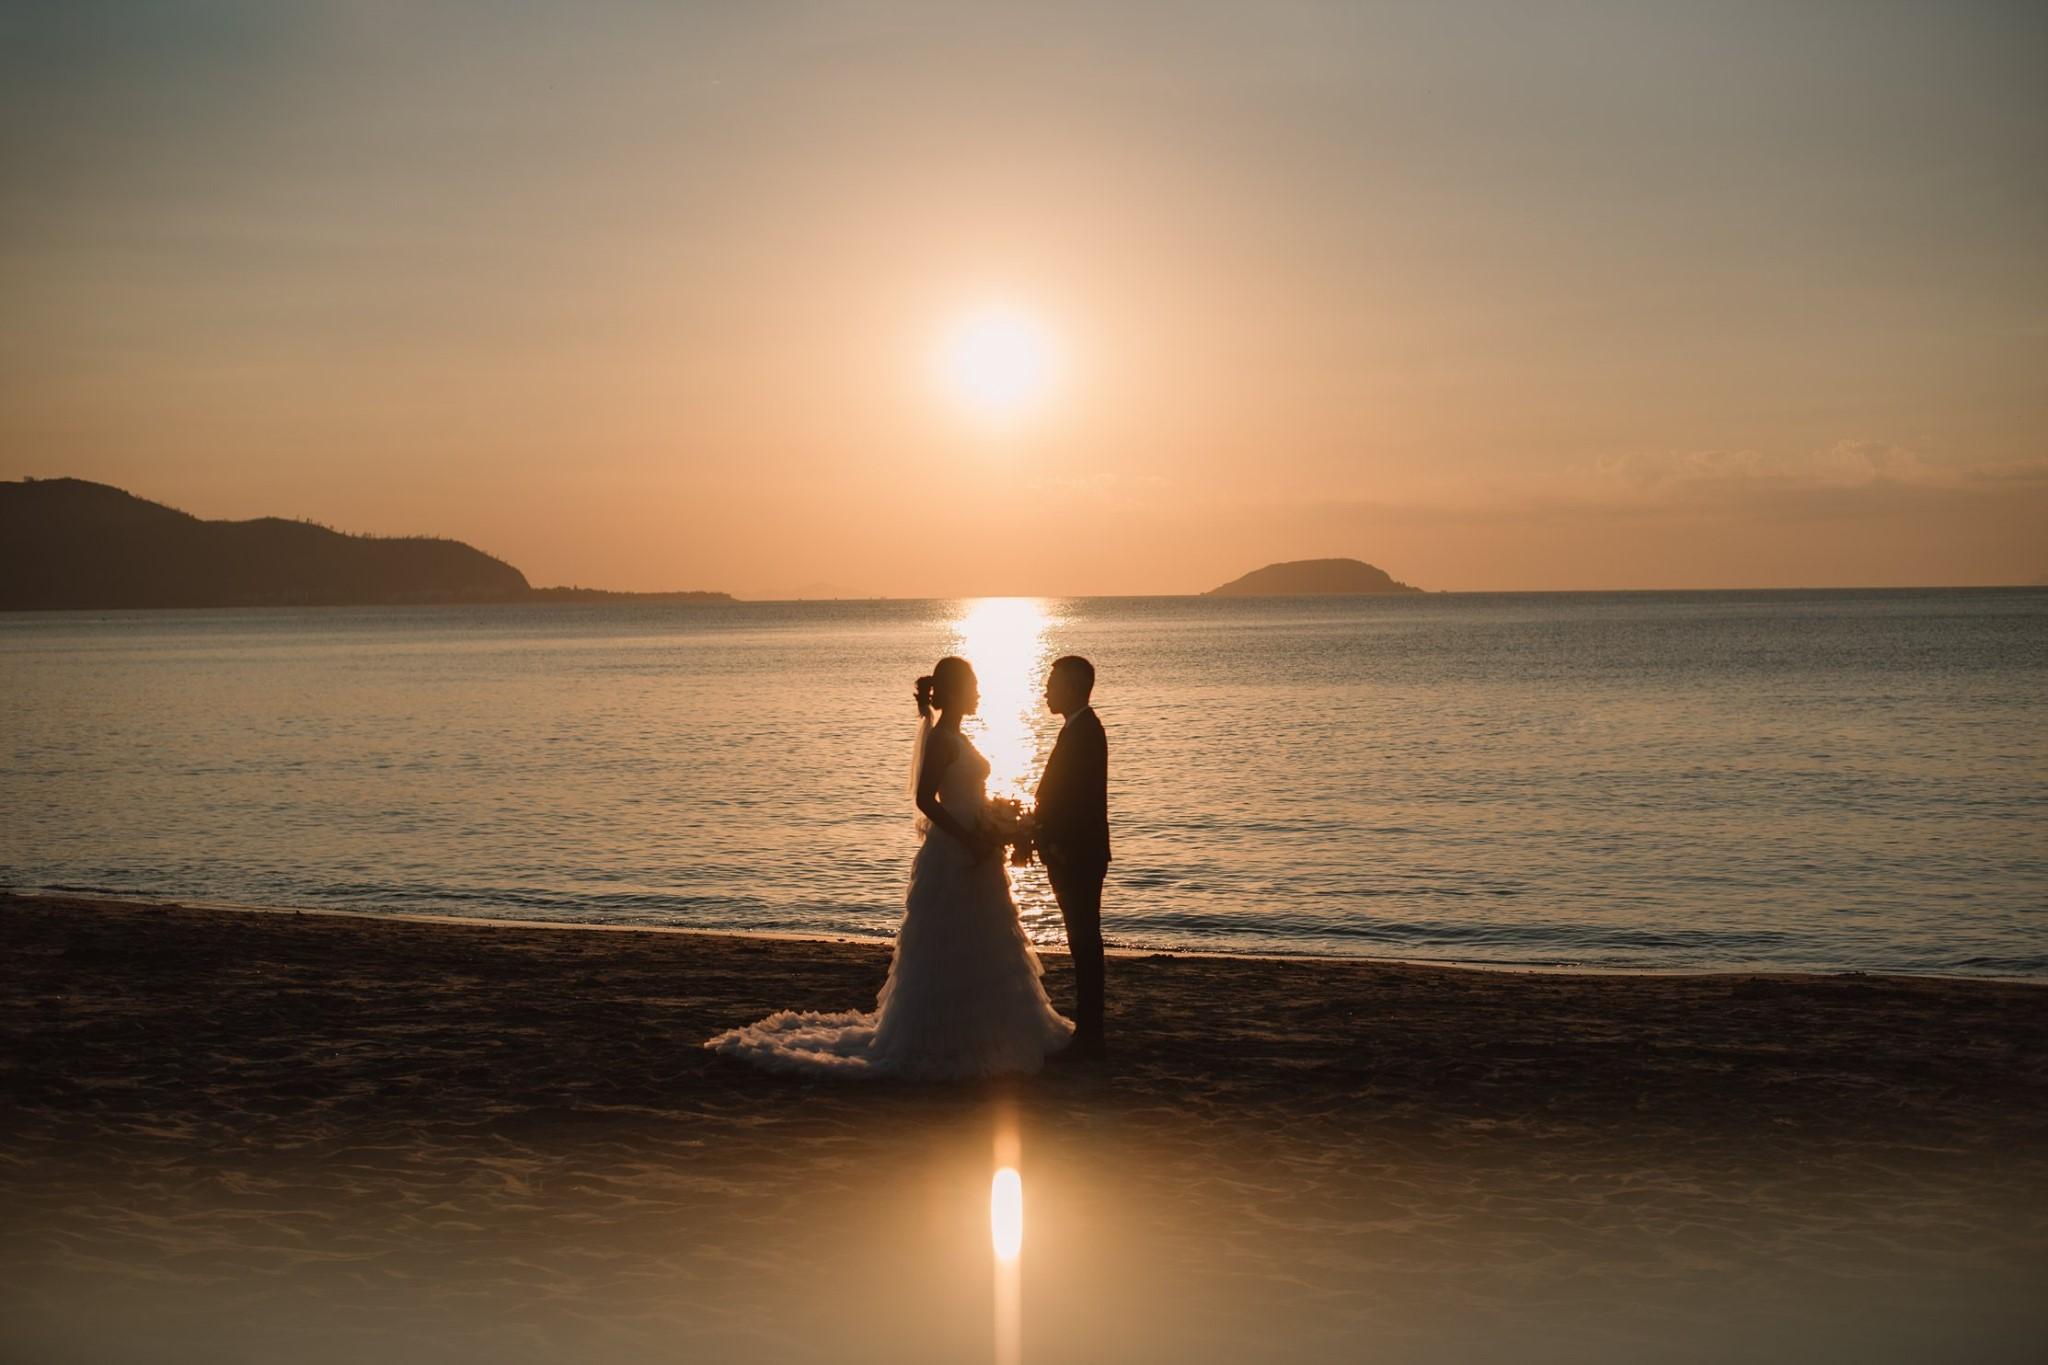 Chụp ảnh cưới Nha Trang tại Six Sense, Chụp ảnh cưới Nha Trang tại Six Sense